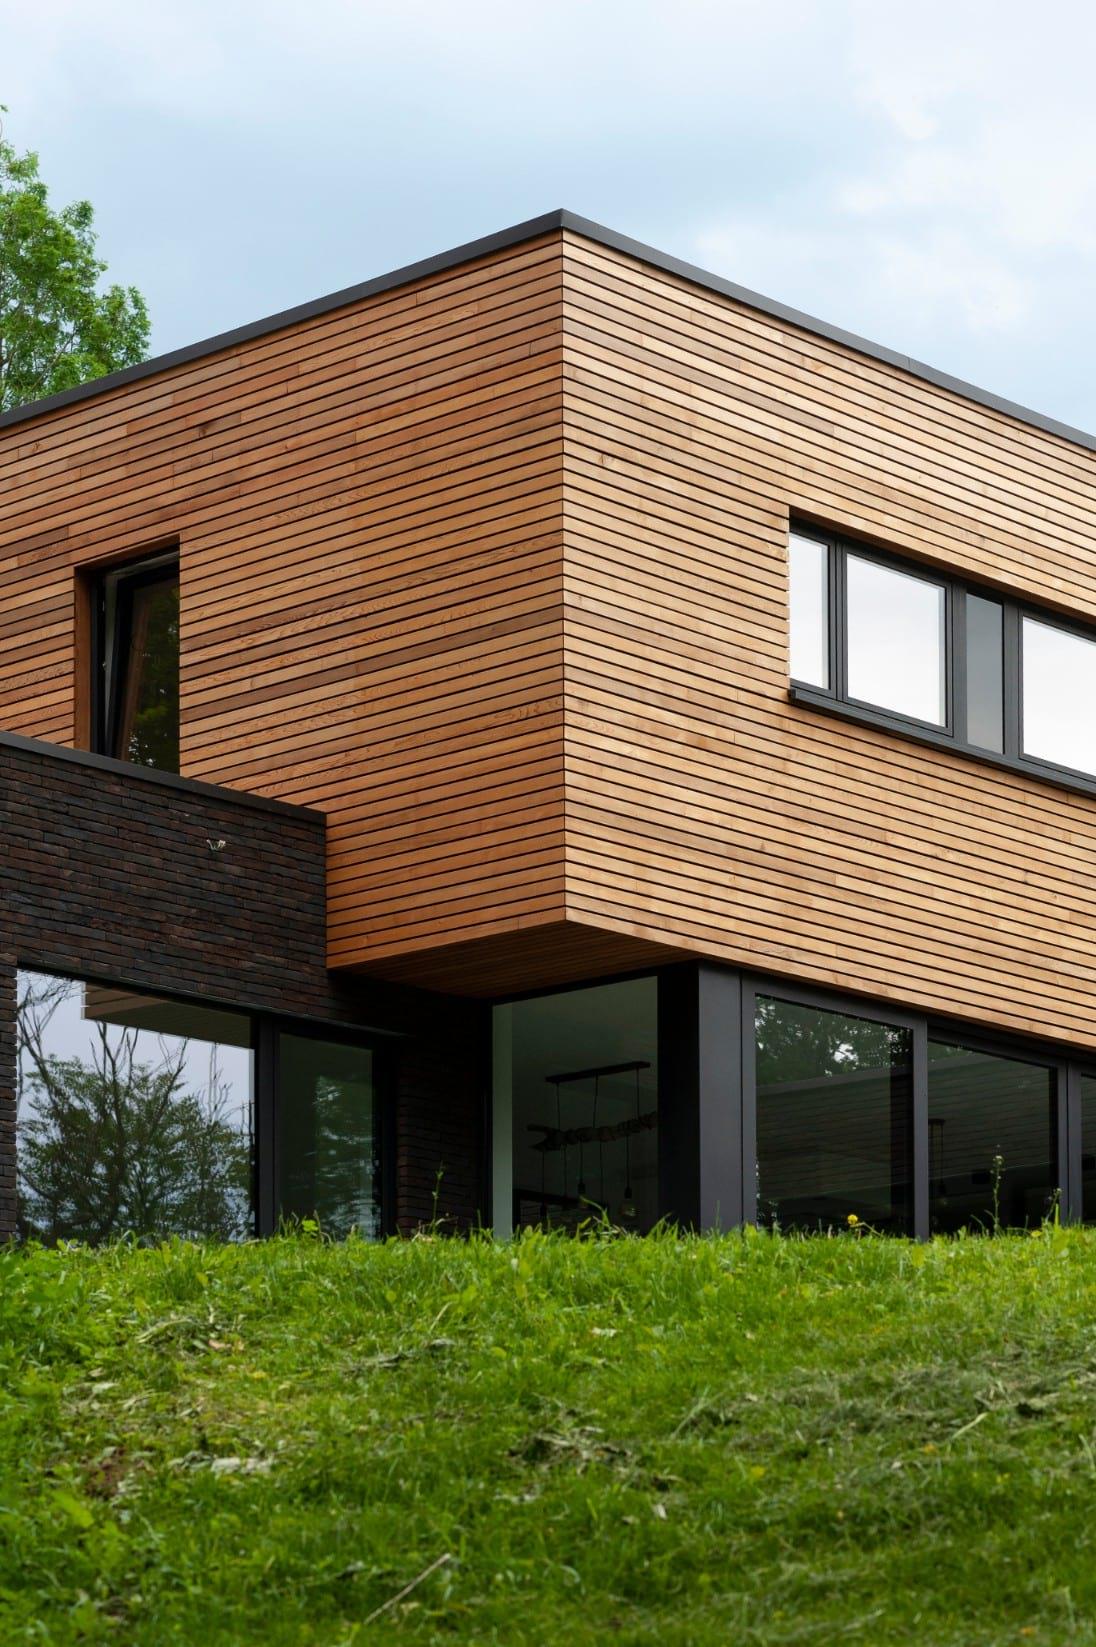 Combien de temps pour faire construire une maison changer de vie vivre dans une maison kerterre for Construire une maison sur un terrain agricole